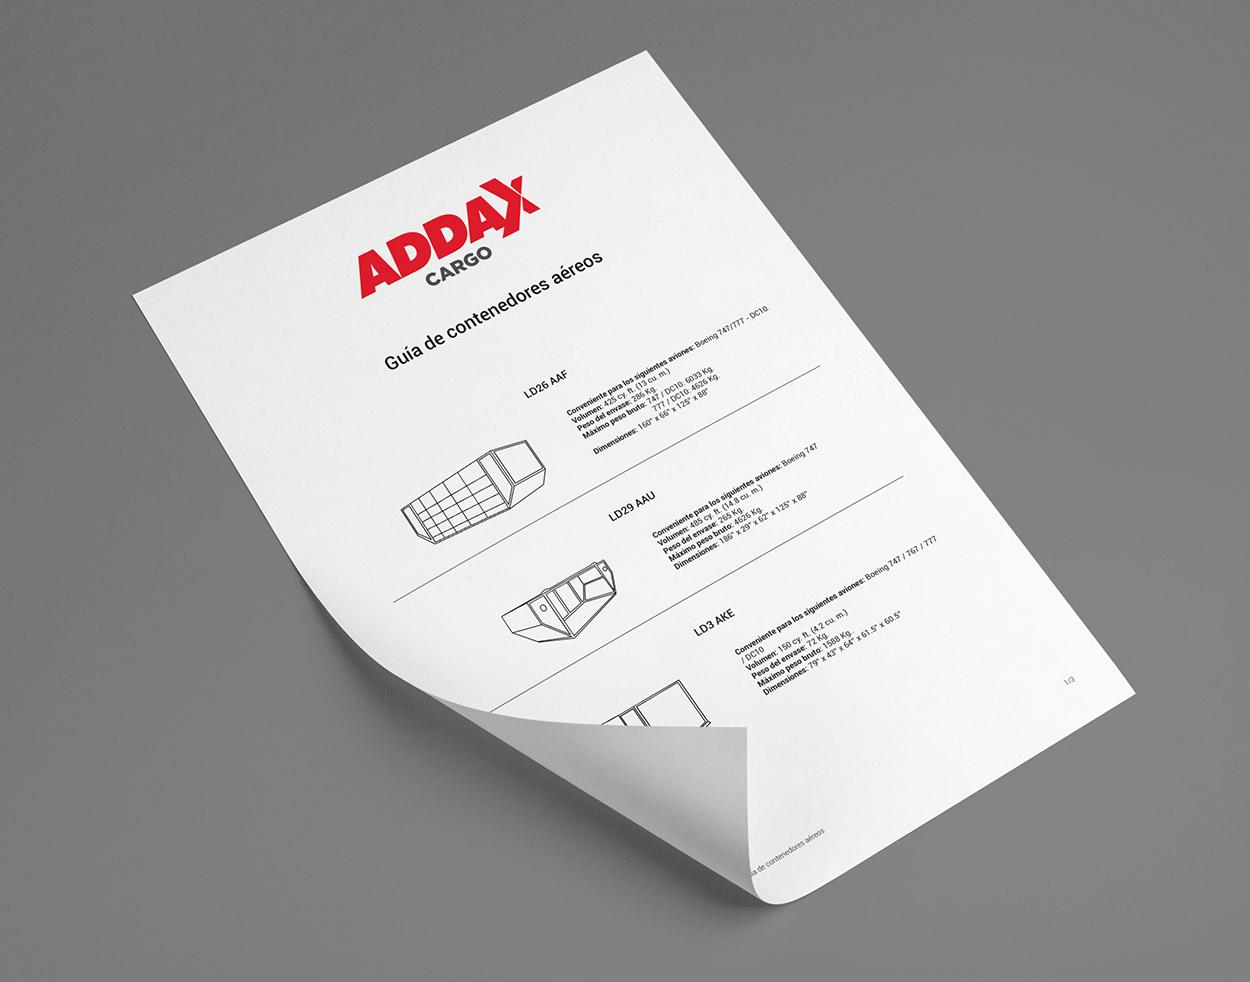 Addax Cargo print